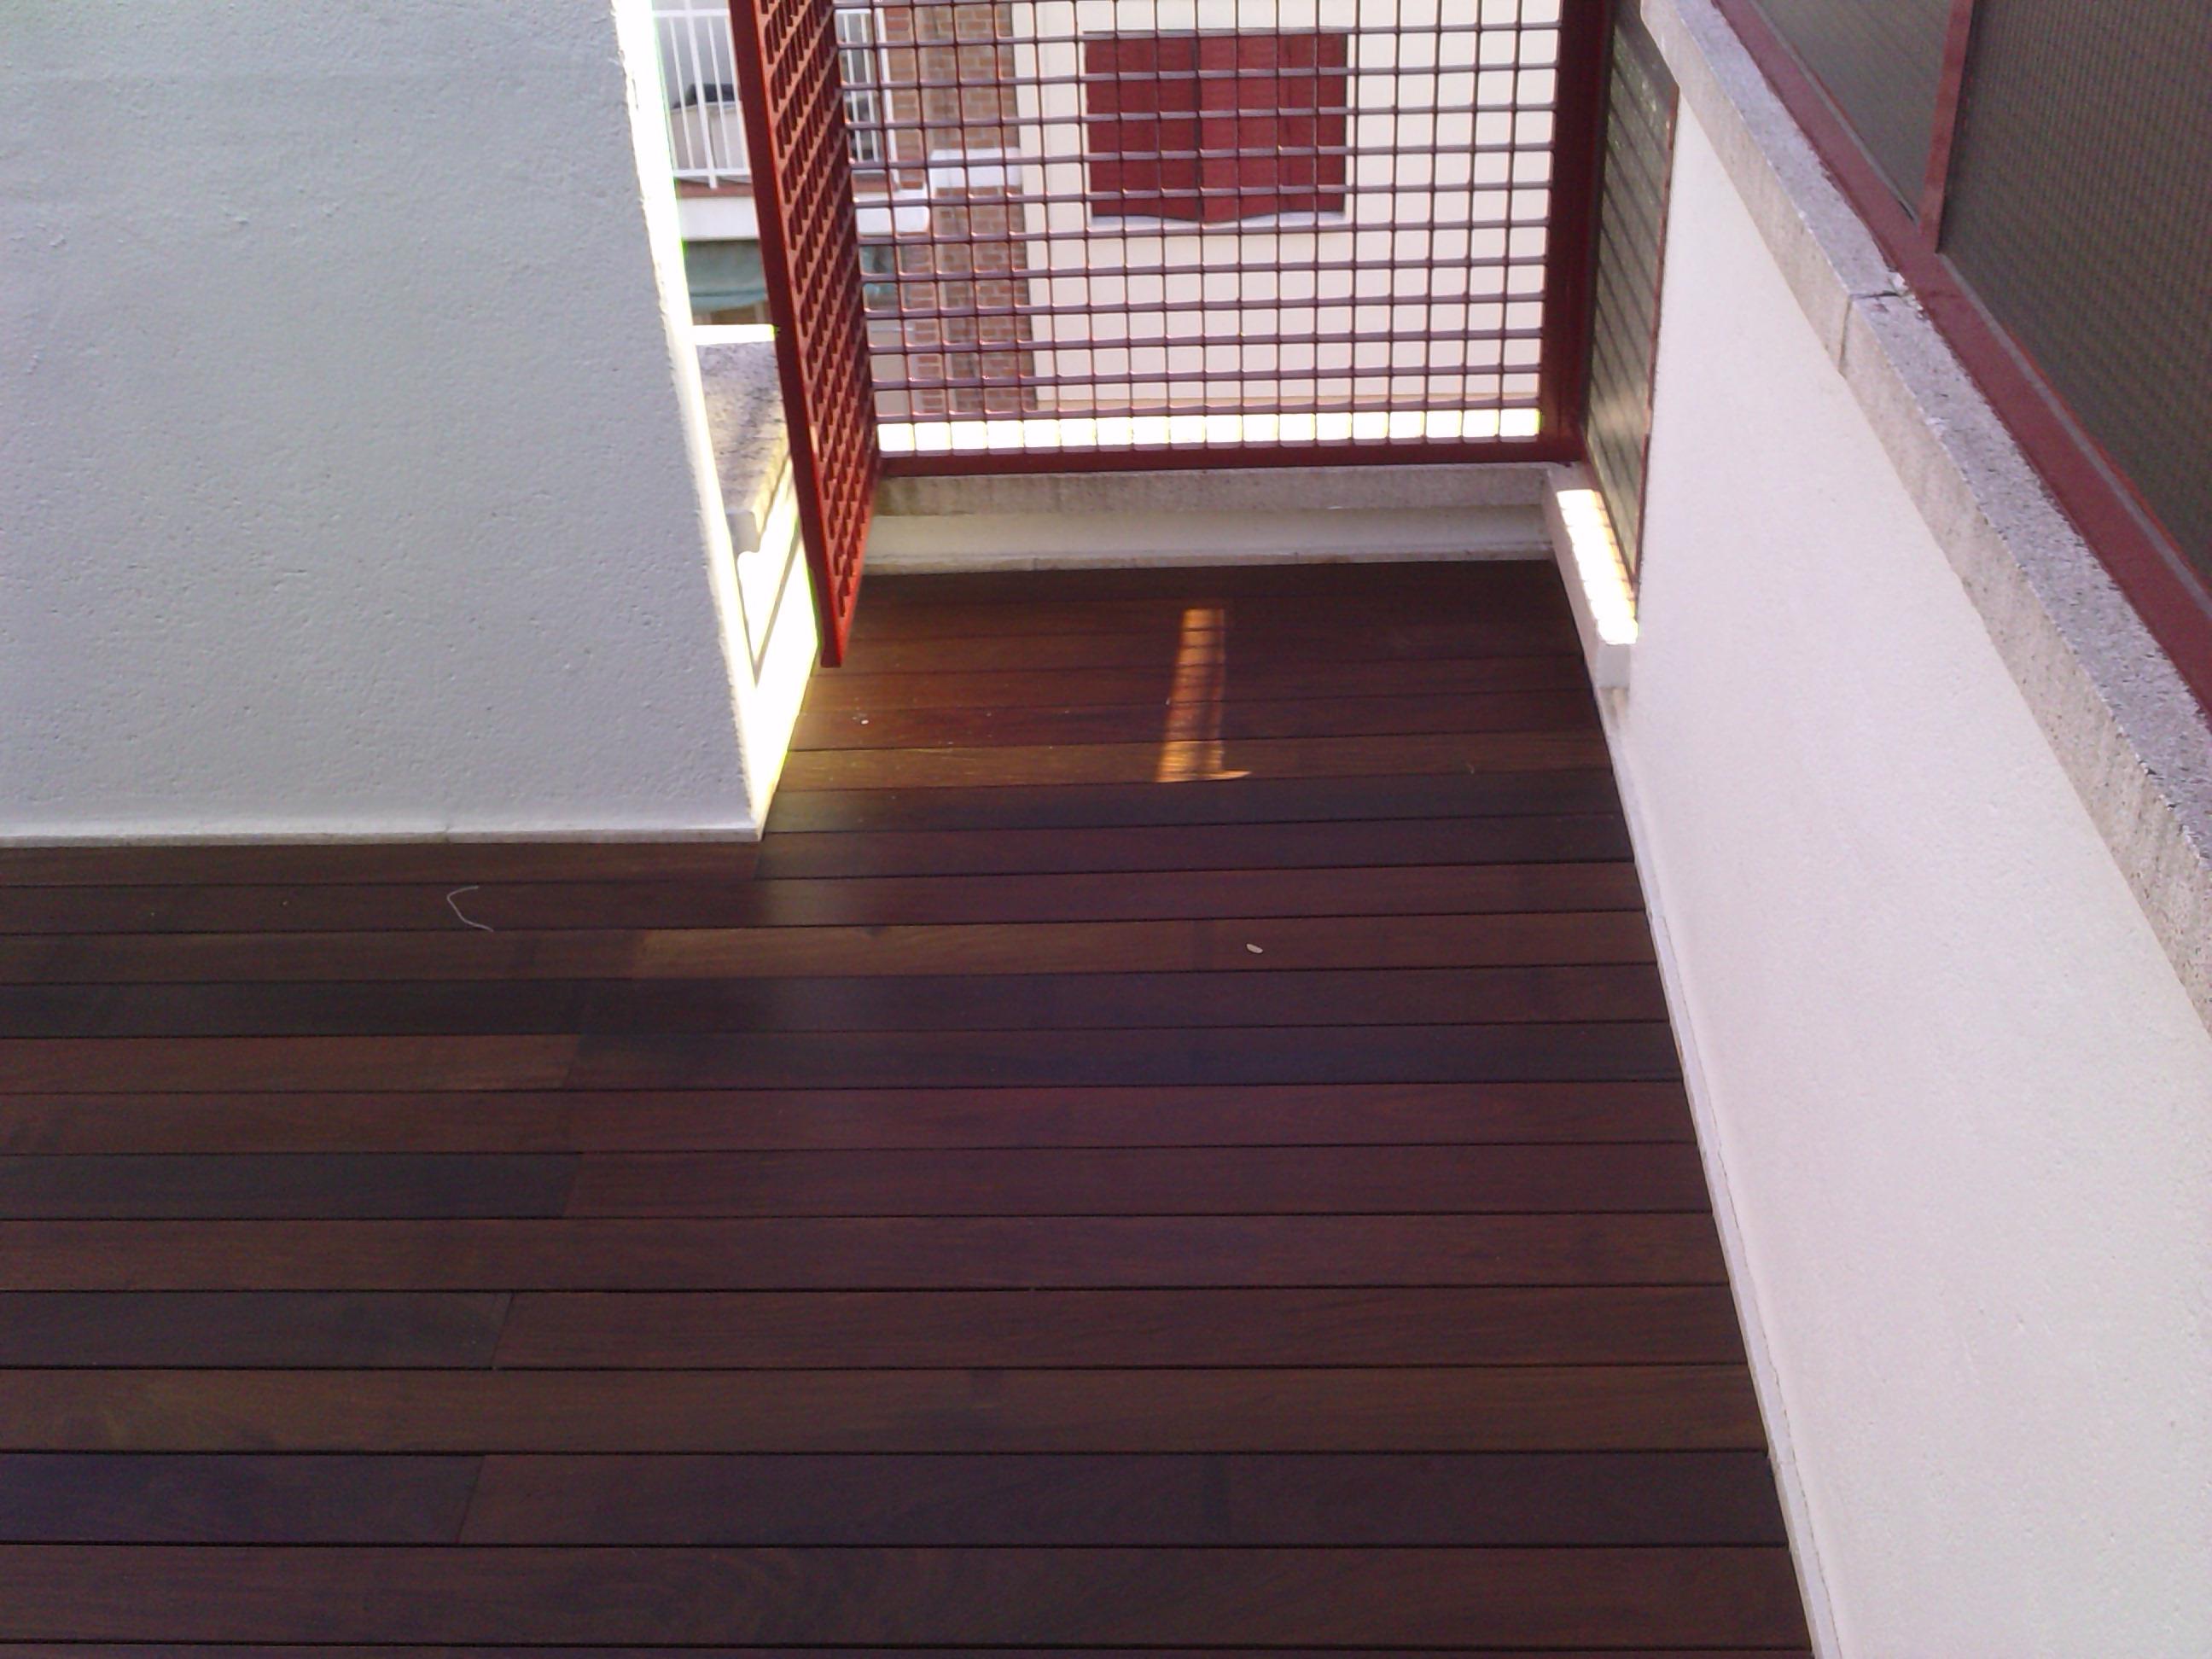 https://topmadera.com/wp-content/uploads/Instacion-de-tarima-maciza-de-ipe-exterior-grapa-vista-en-terraza-La-florida.jpg